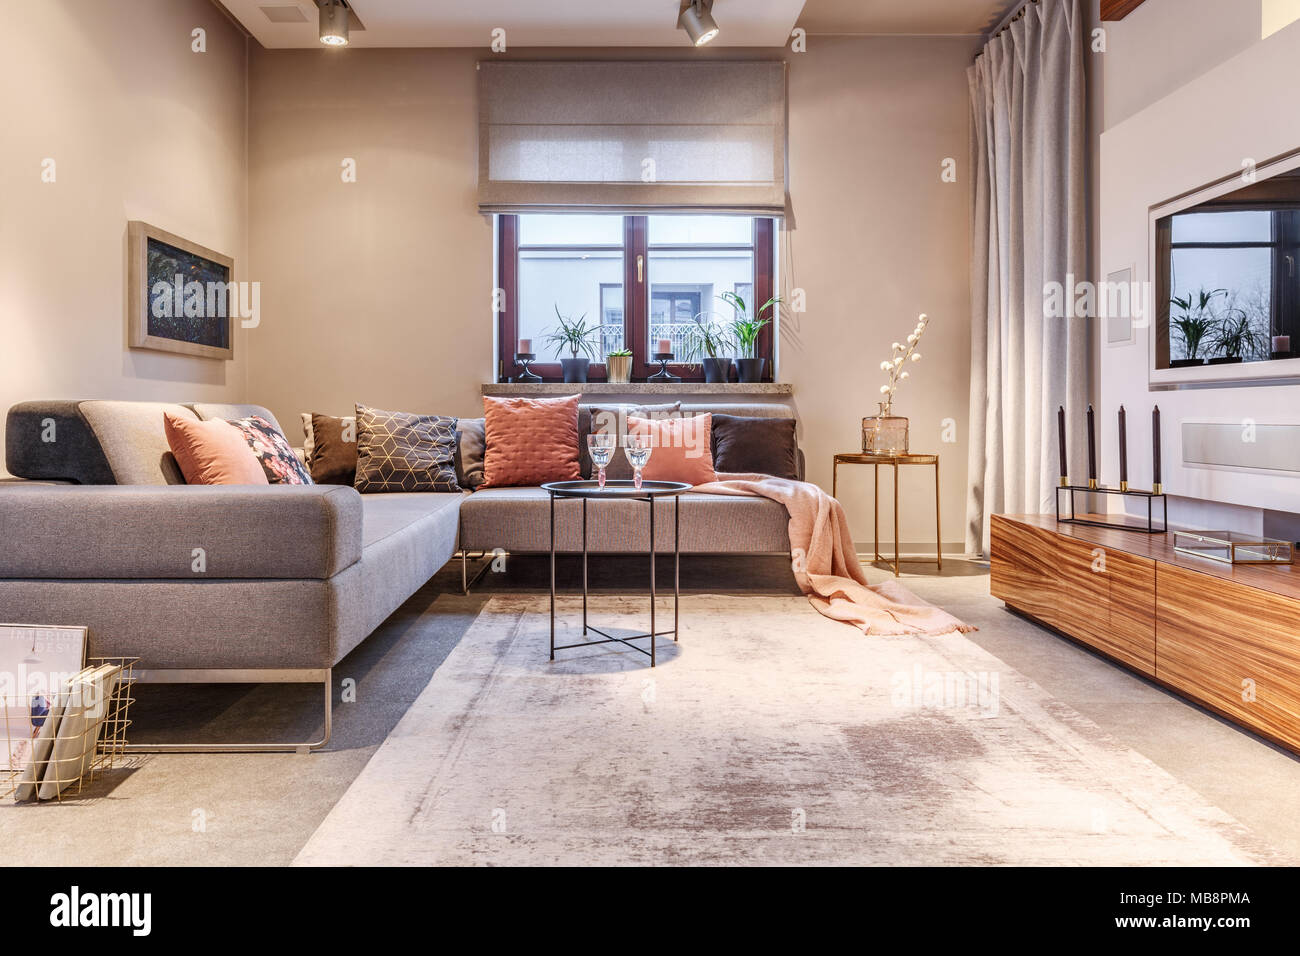 Gemütliches Wohnzimmer mit einem großen Sofa, viele Kissen ...